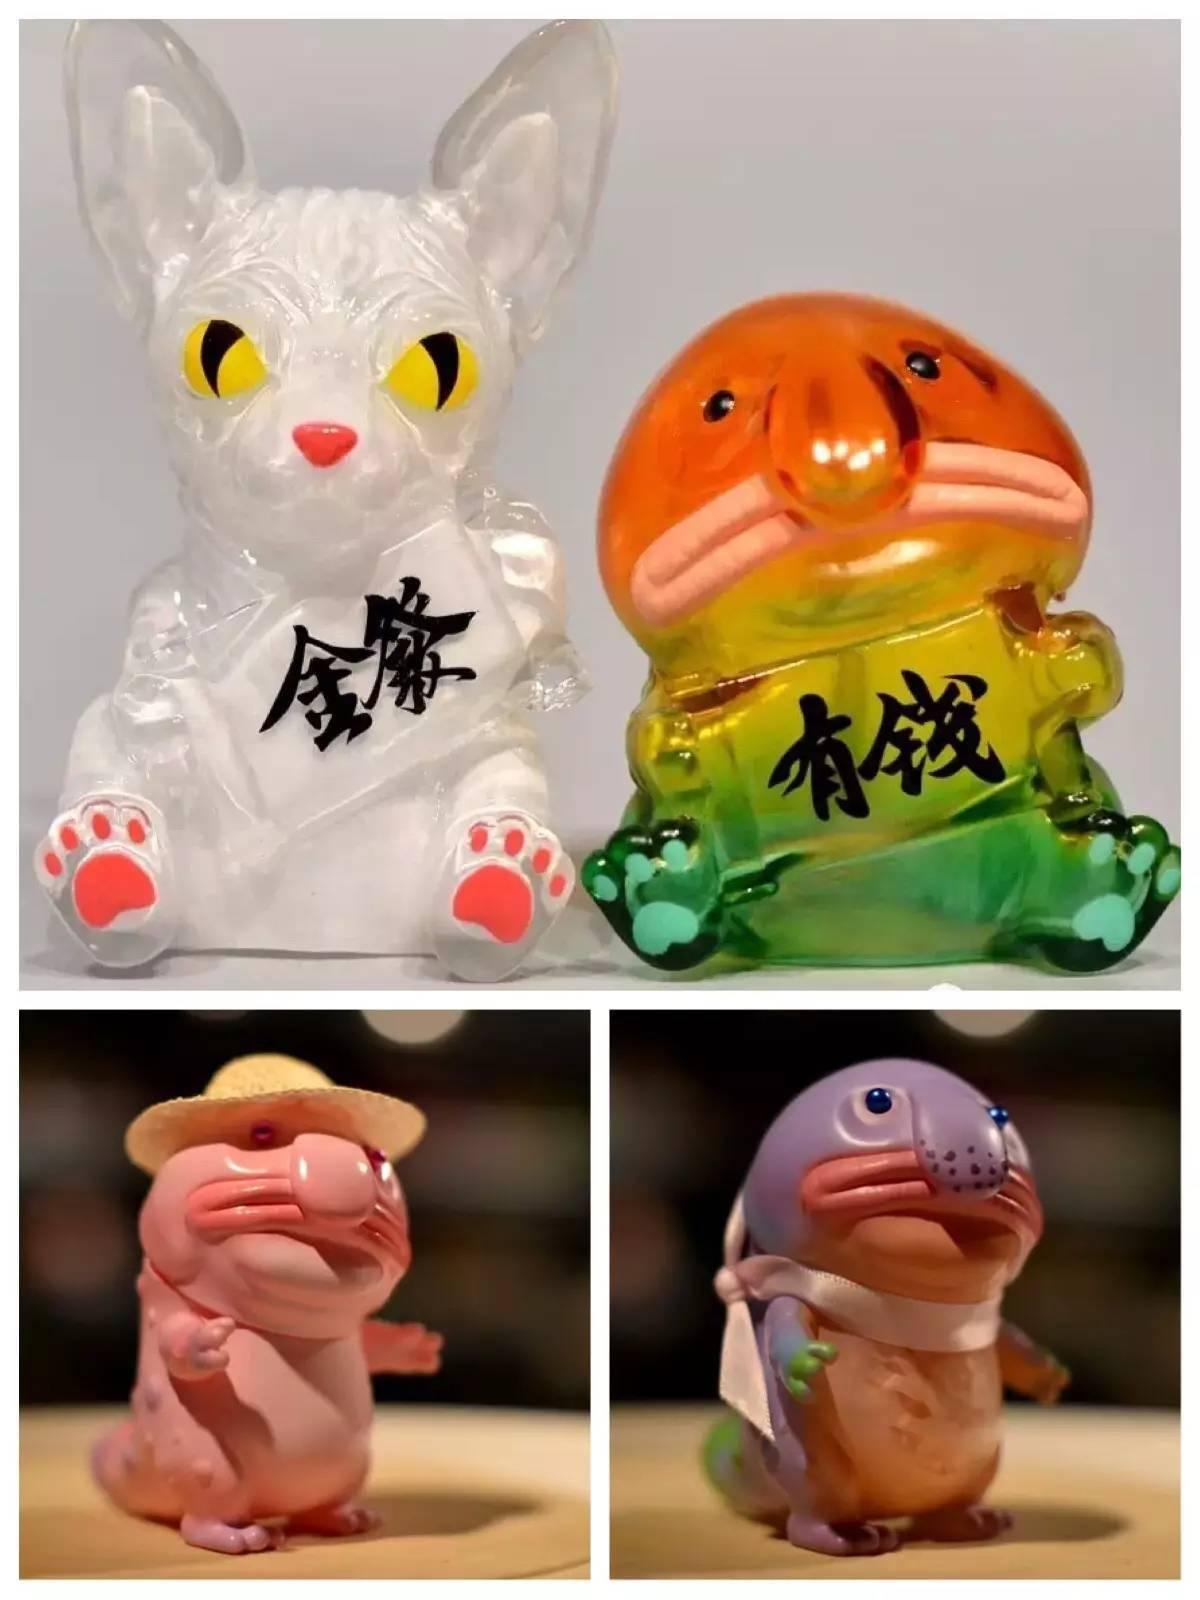 水滴鱼圆溜溜的小眼睛,极其夸张的大鼻子、大嘴巴和可爱的小短腿儿,也是   丑萌丑萌   的呢,别以为这只是设计师臆想出来的形象,这种生物可是真实存在的~   这次我们的作者游志成选择使用了   原谅色   无毛猫、鱼化龙、水滴鱼   ,分别是来自三个不同的